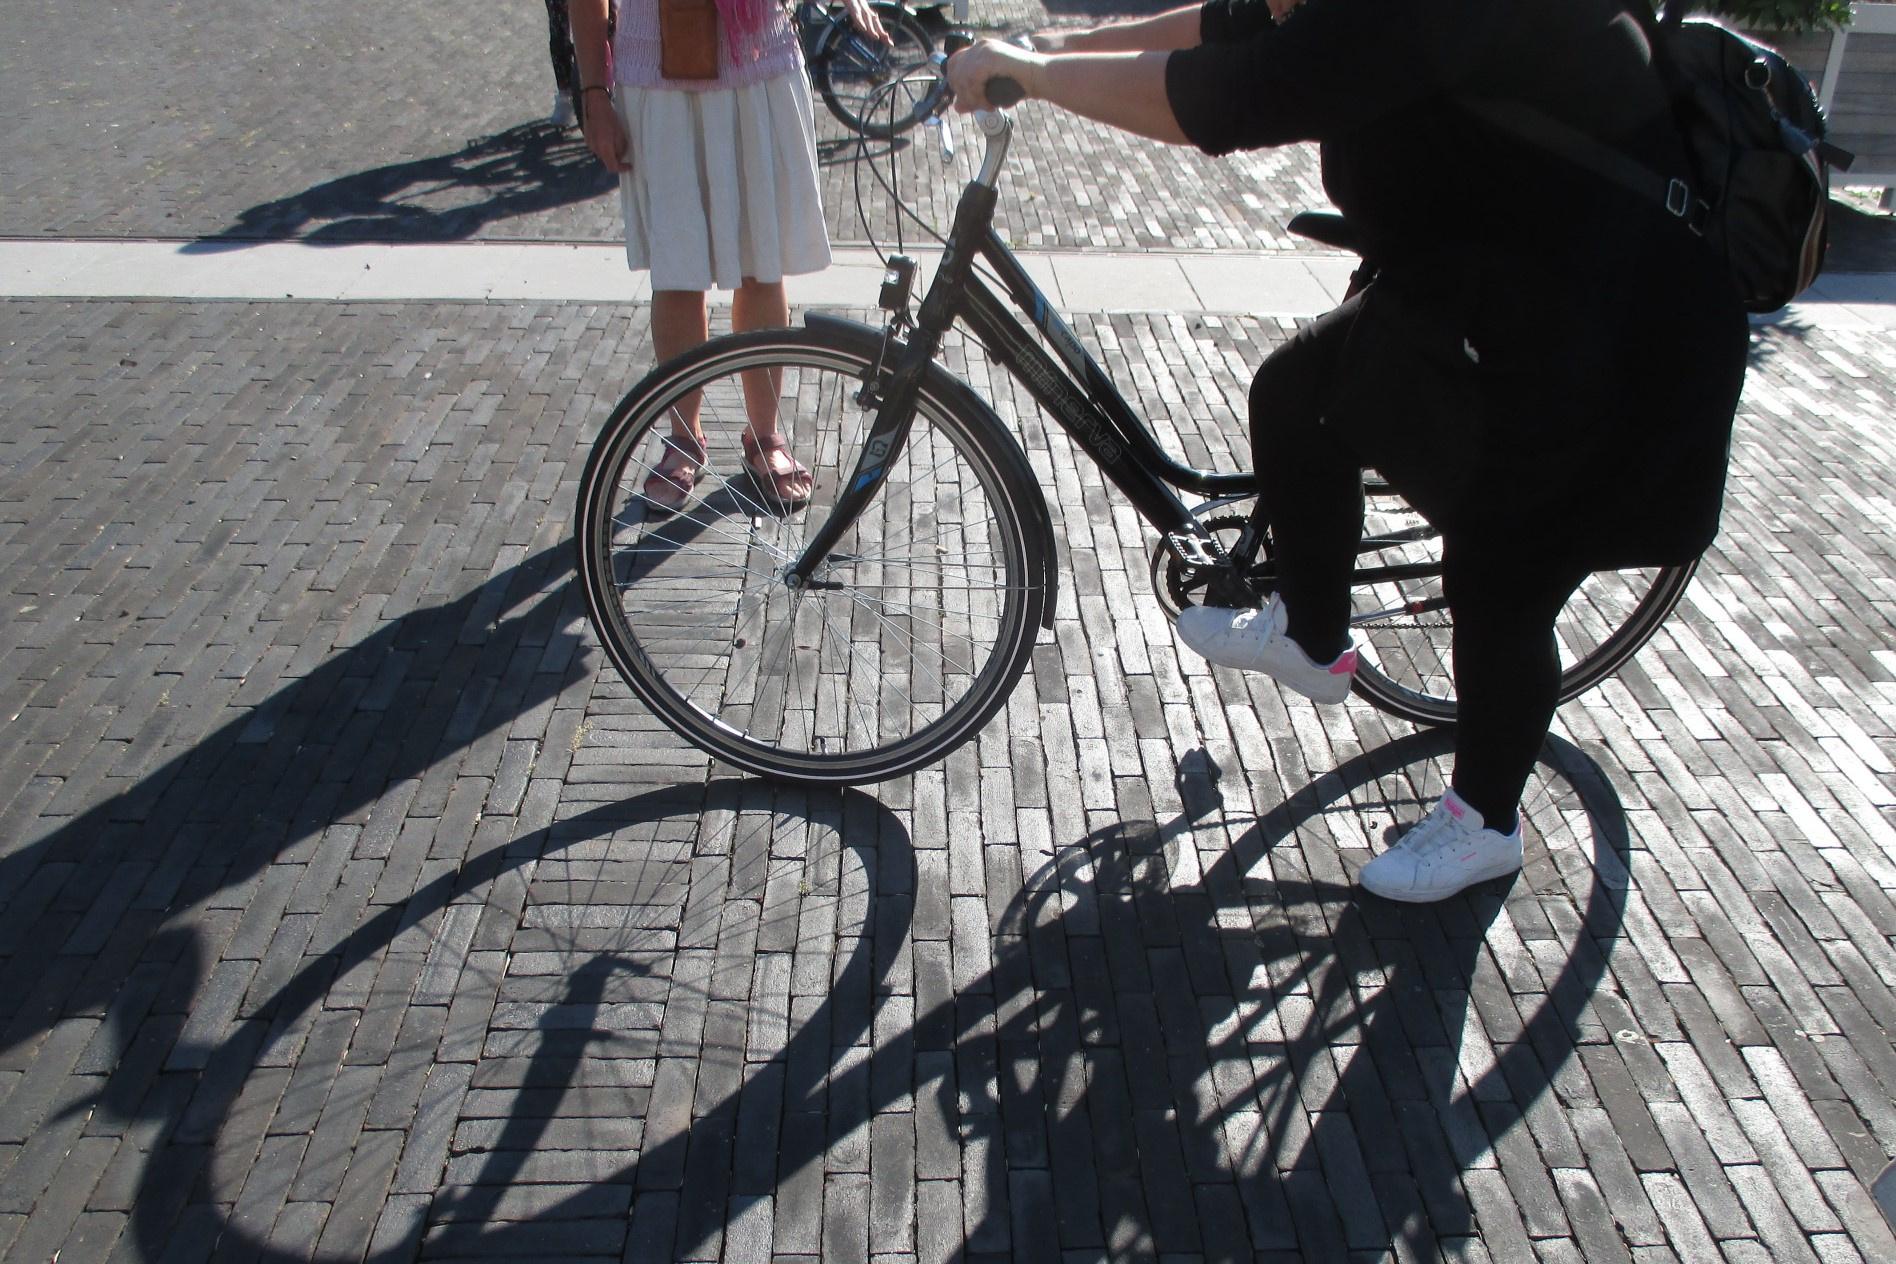 L'exercice de faire de la trottinette avec le vélo, puis de l'enjamber, semble difficile pour plus d'une participante., Stagiaire Le Vif